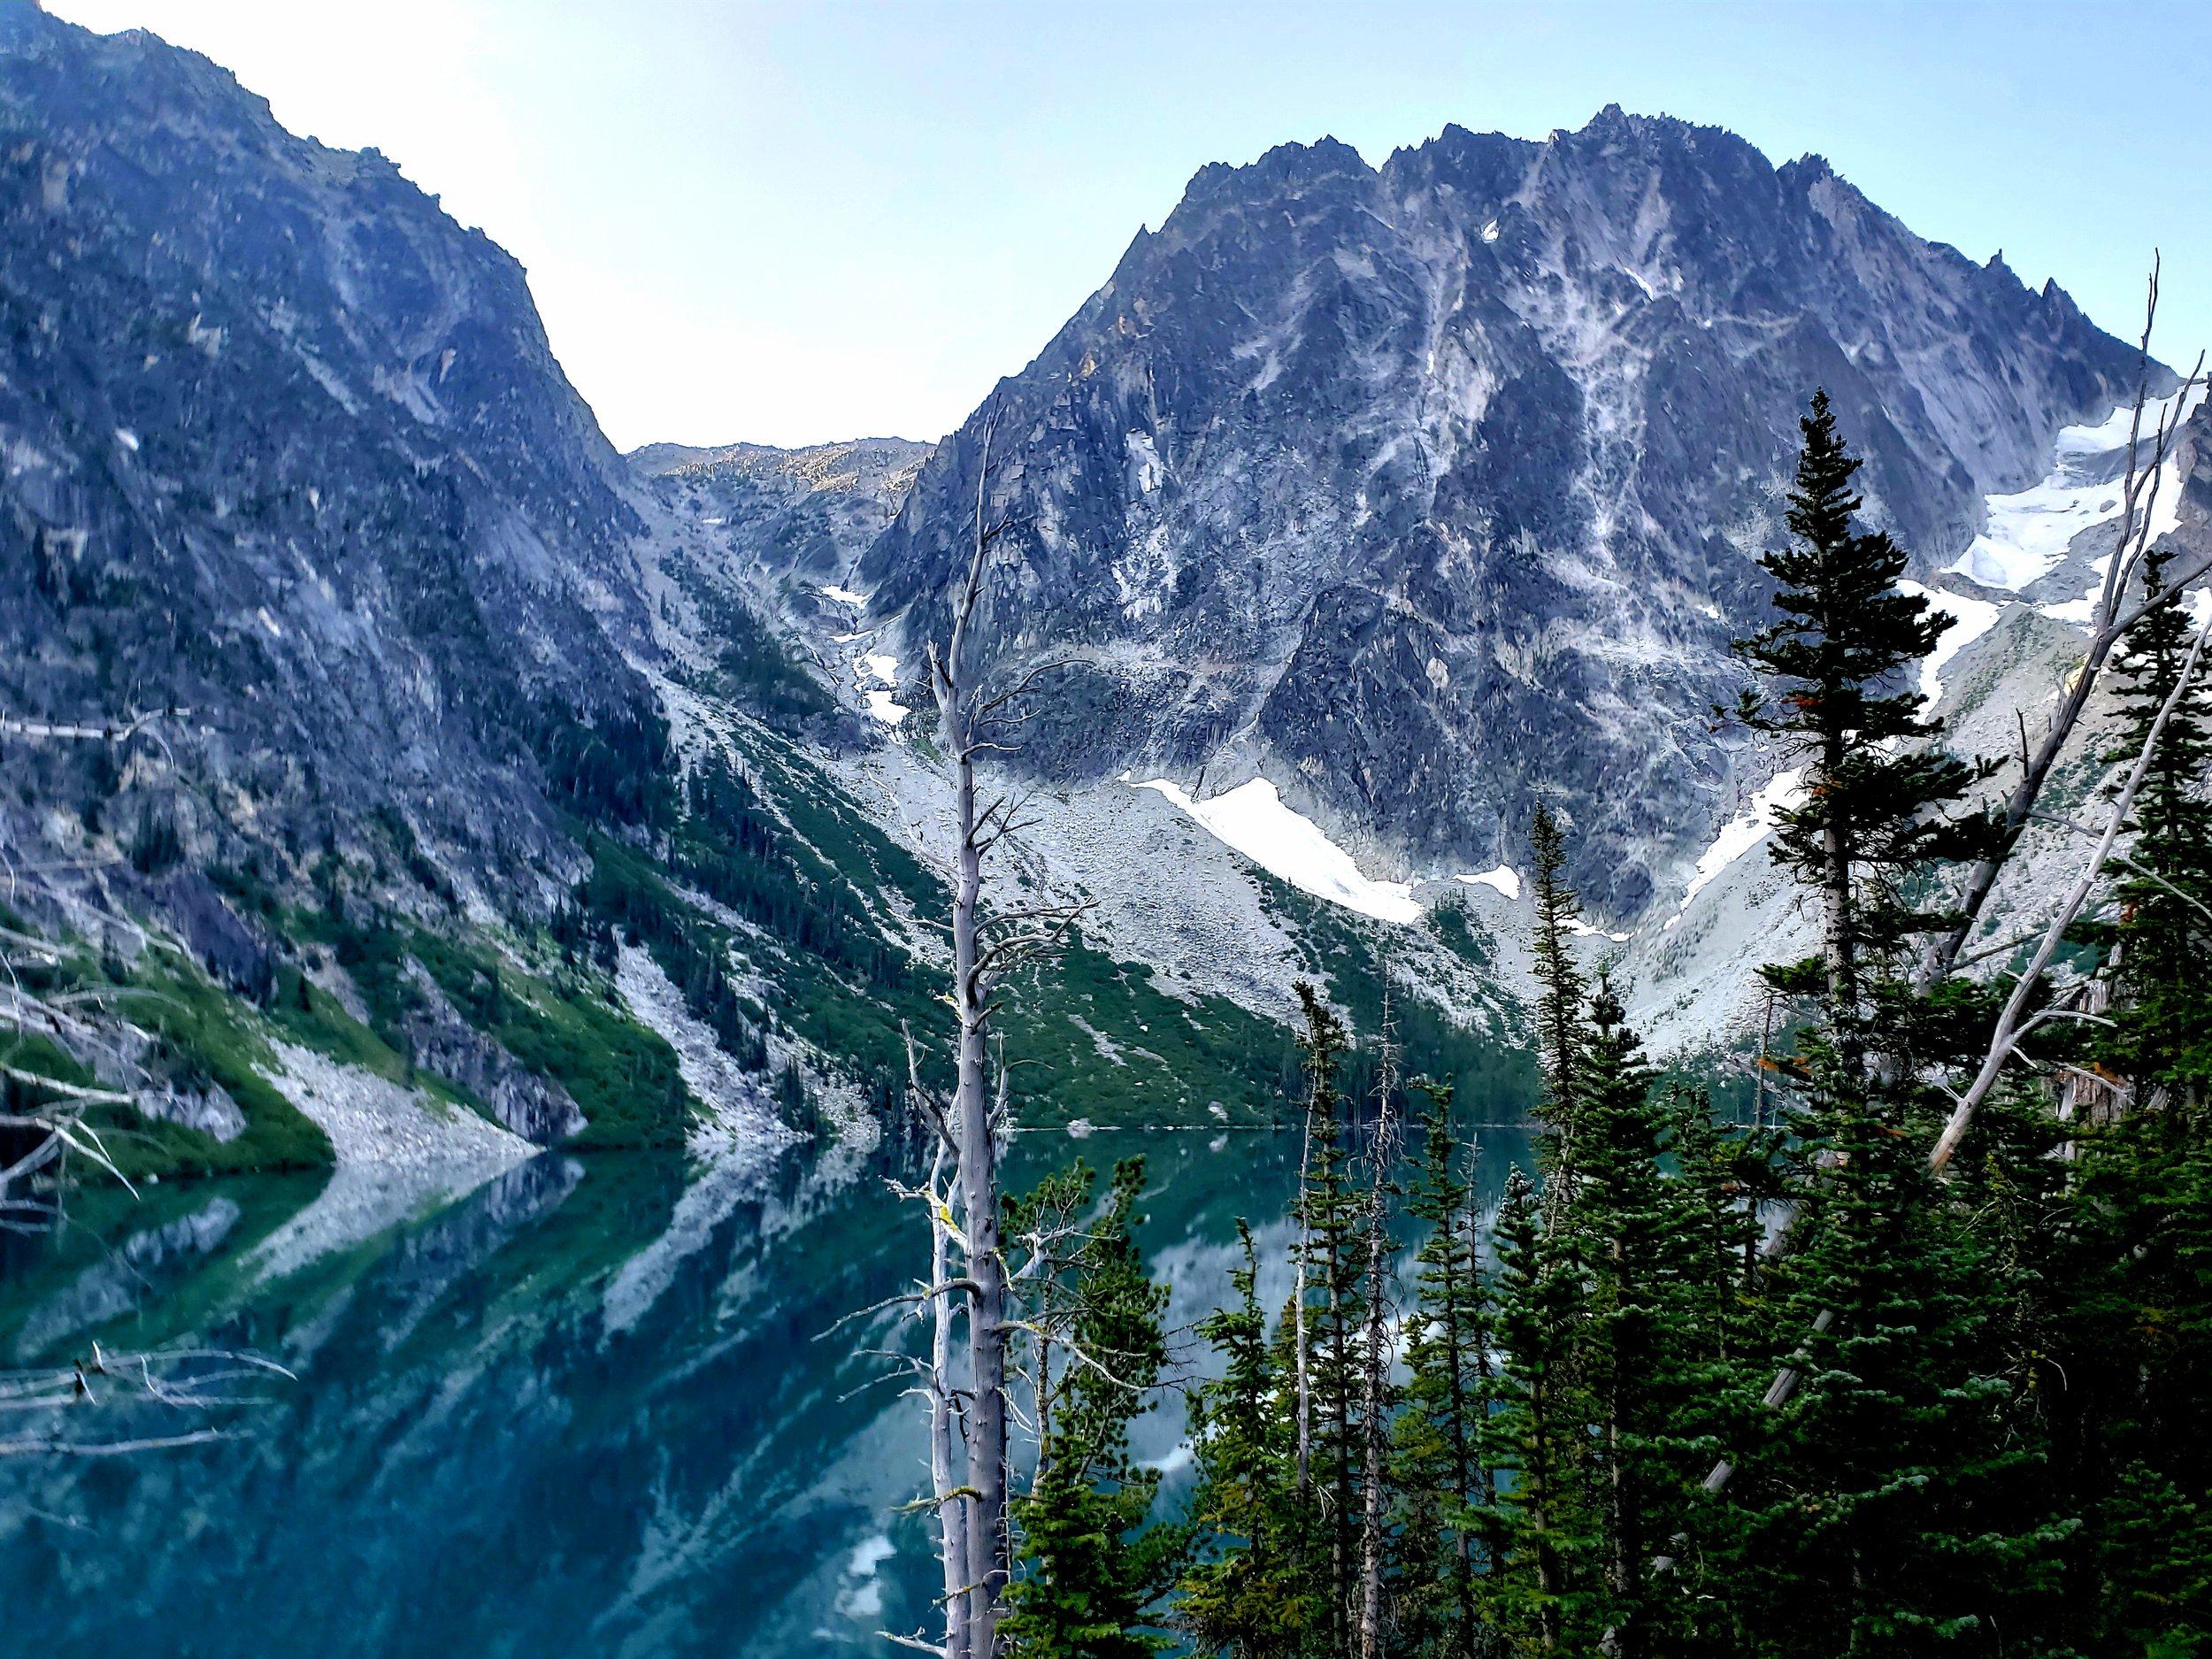 Copy of Colchuck Lake